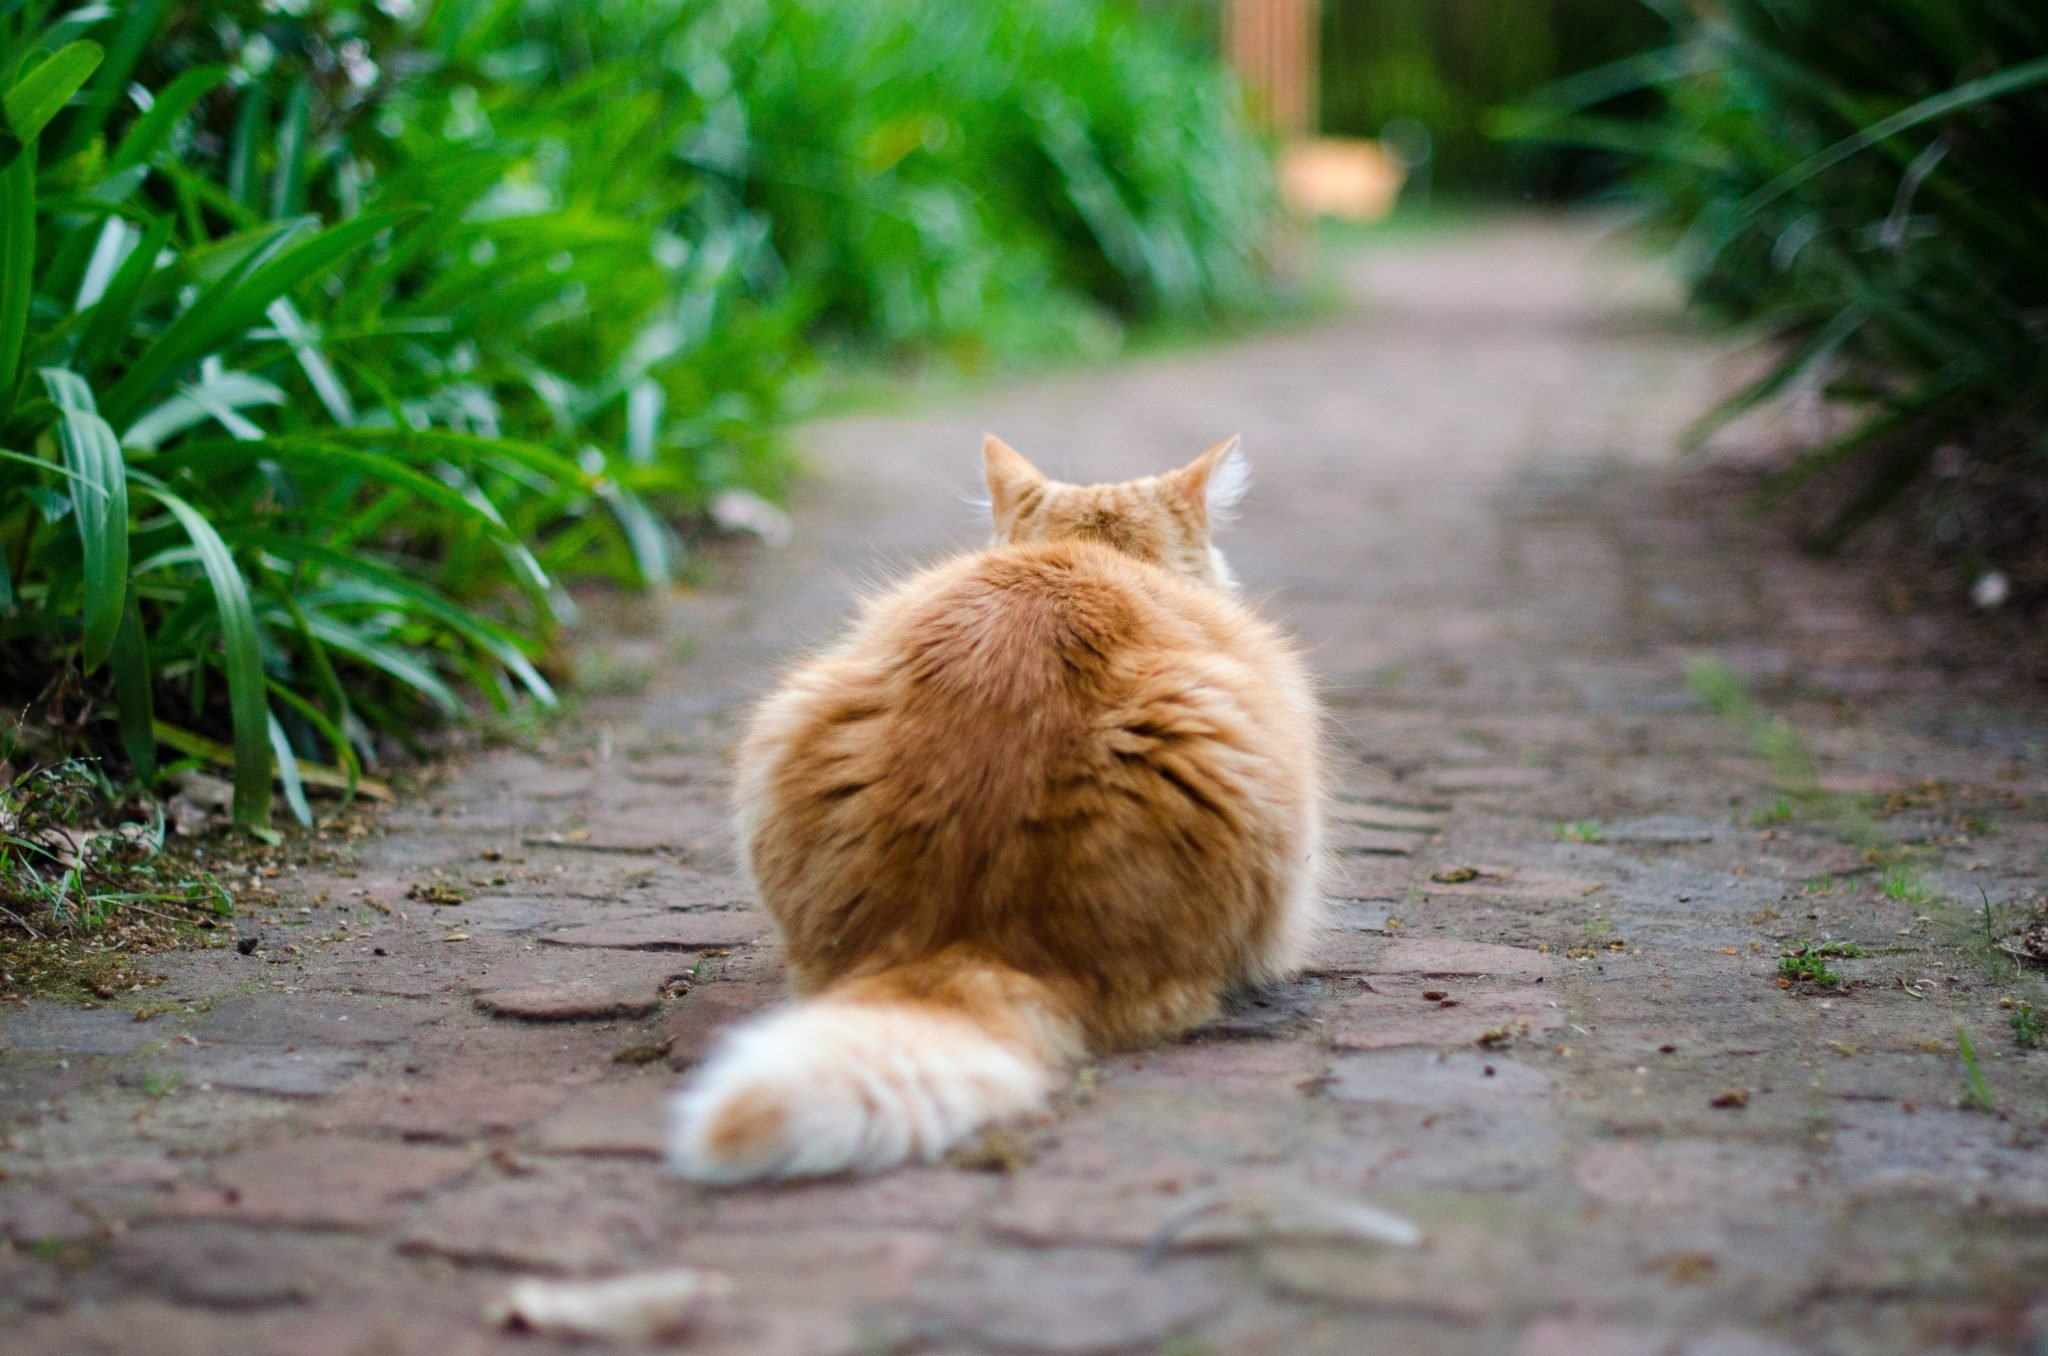 Koty zabijają ptaki, małe ssaki, gady i płazy.